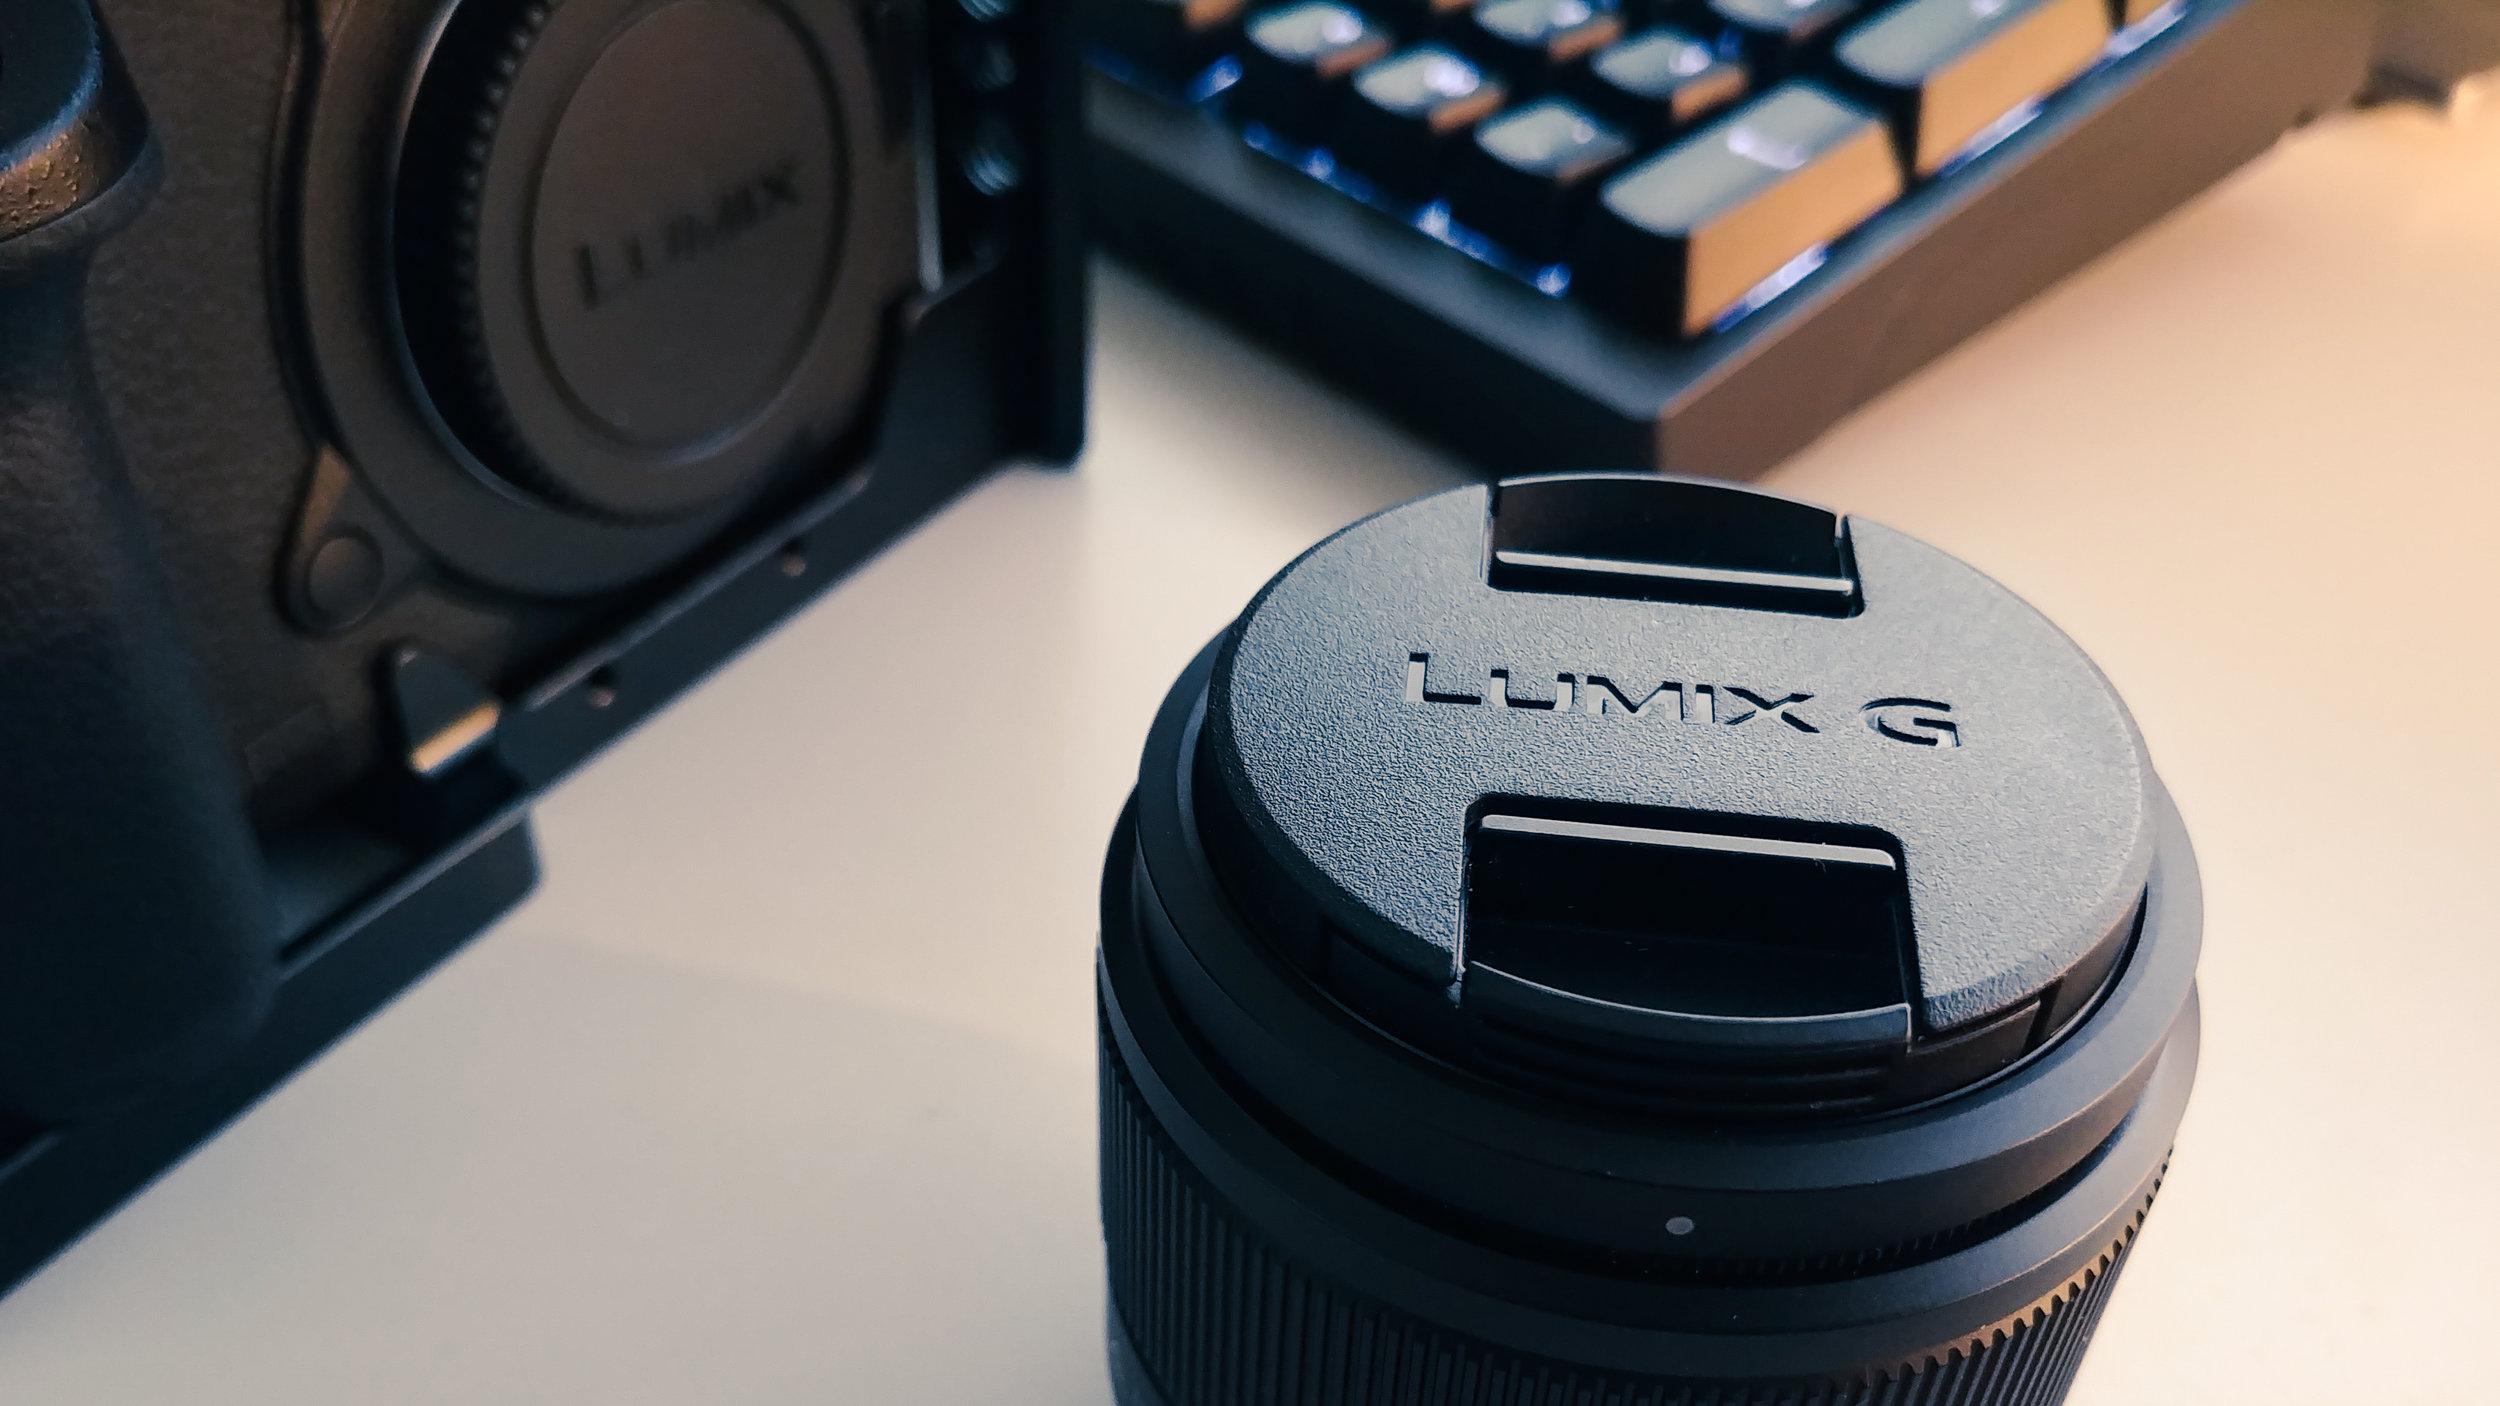 camera gear prep (1 of 1).jpg